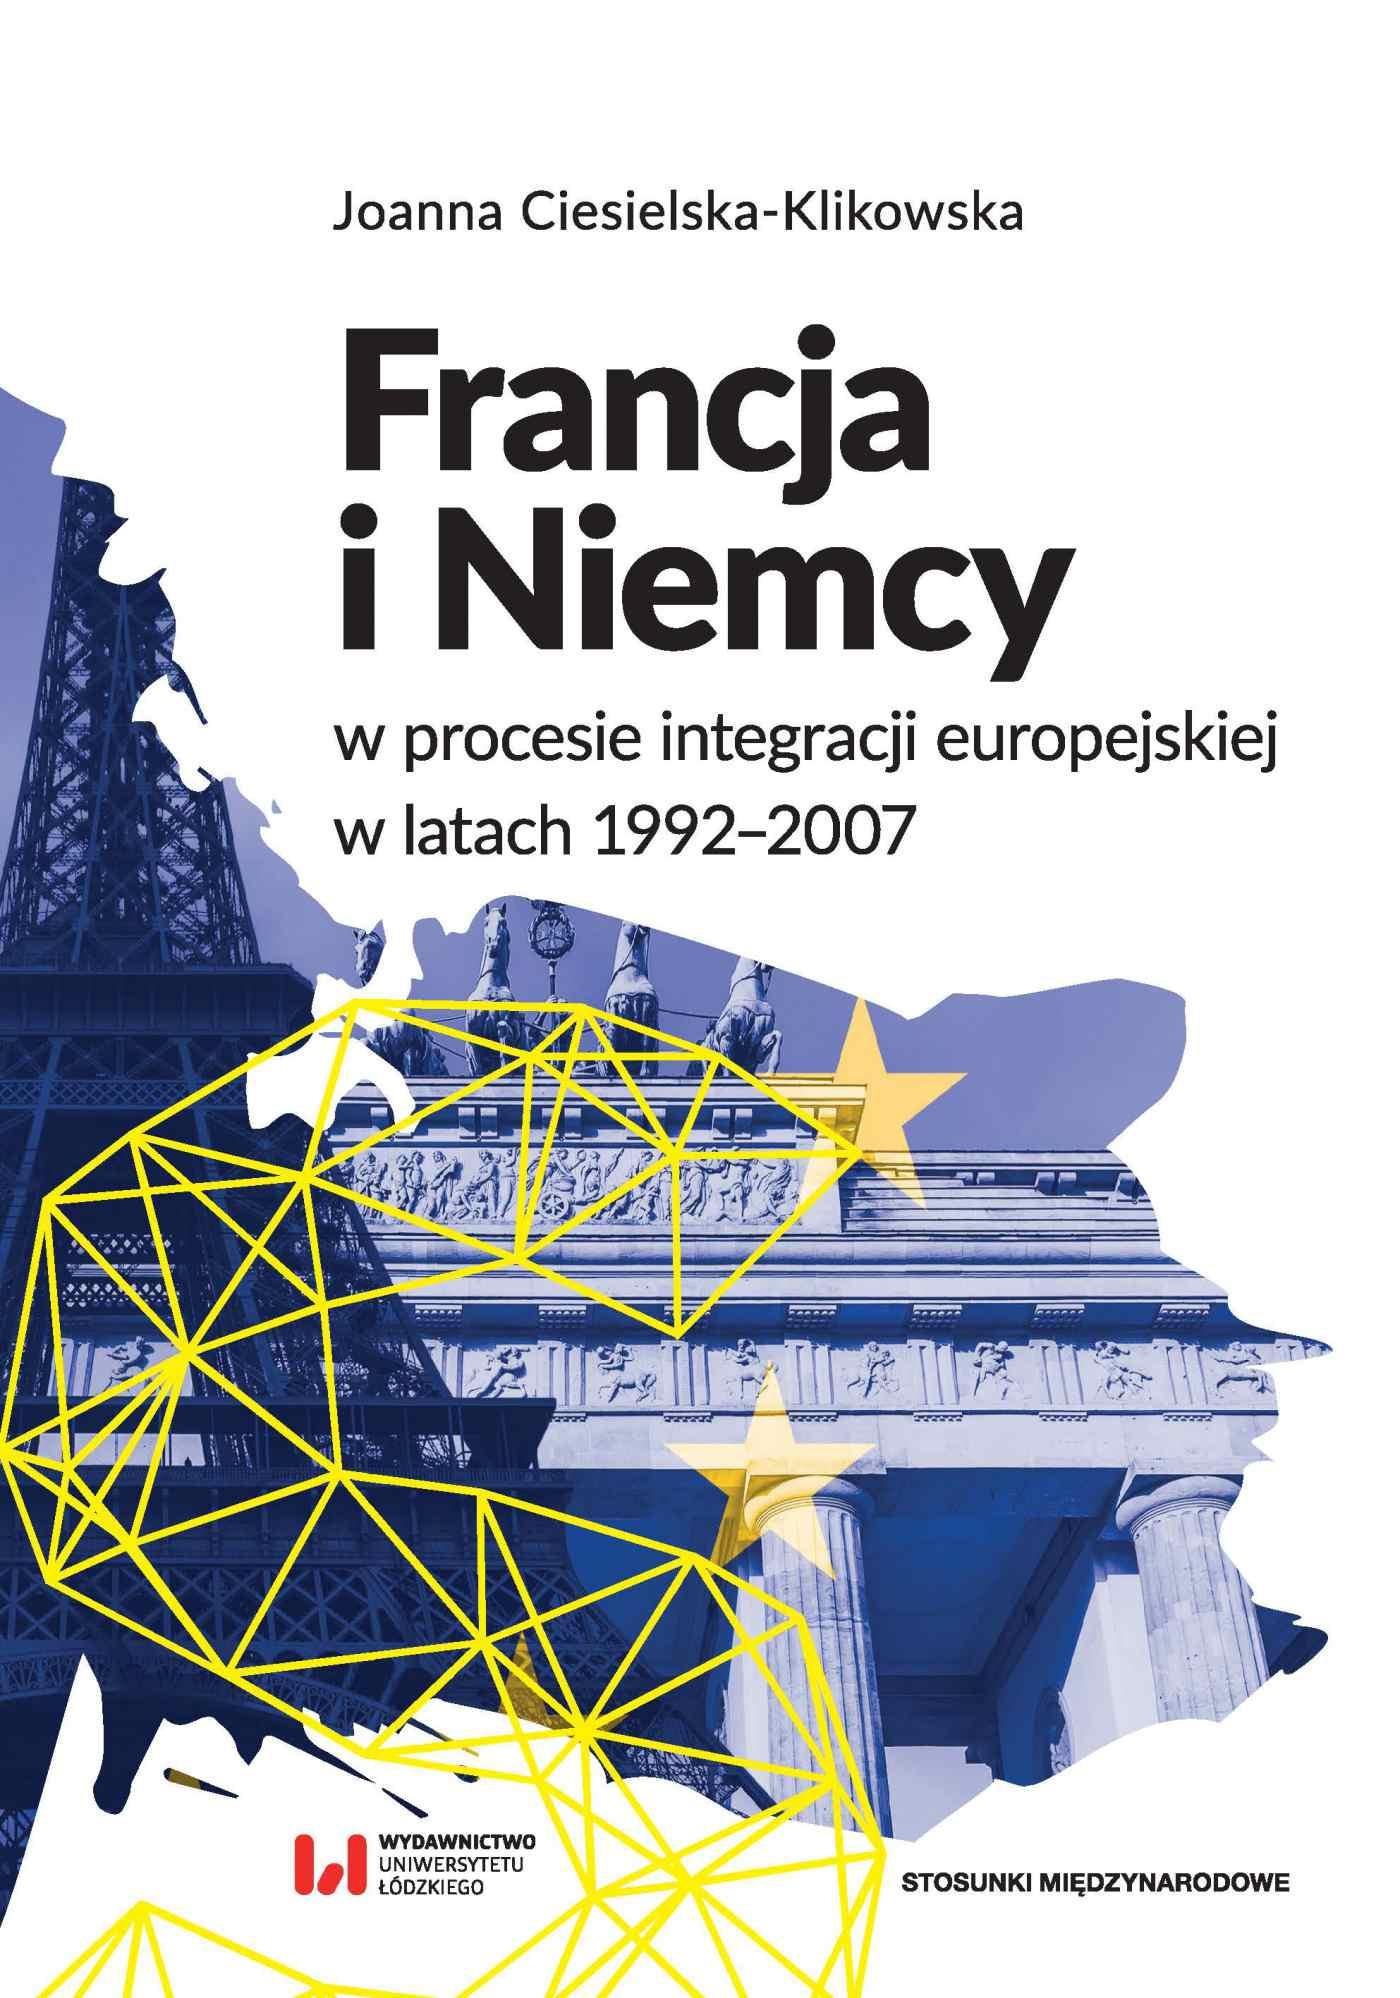 Francja i Niemcy w procesie integracji europejskiej w latach 1992-2007 - Ebook (Książka PDF) do pobrania w formacie PDF